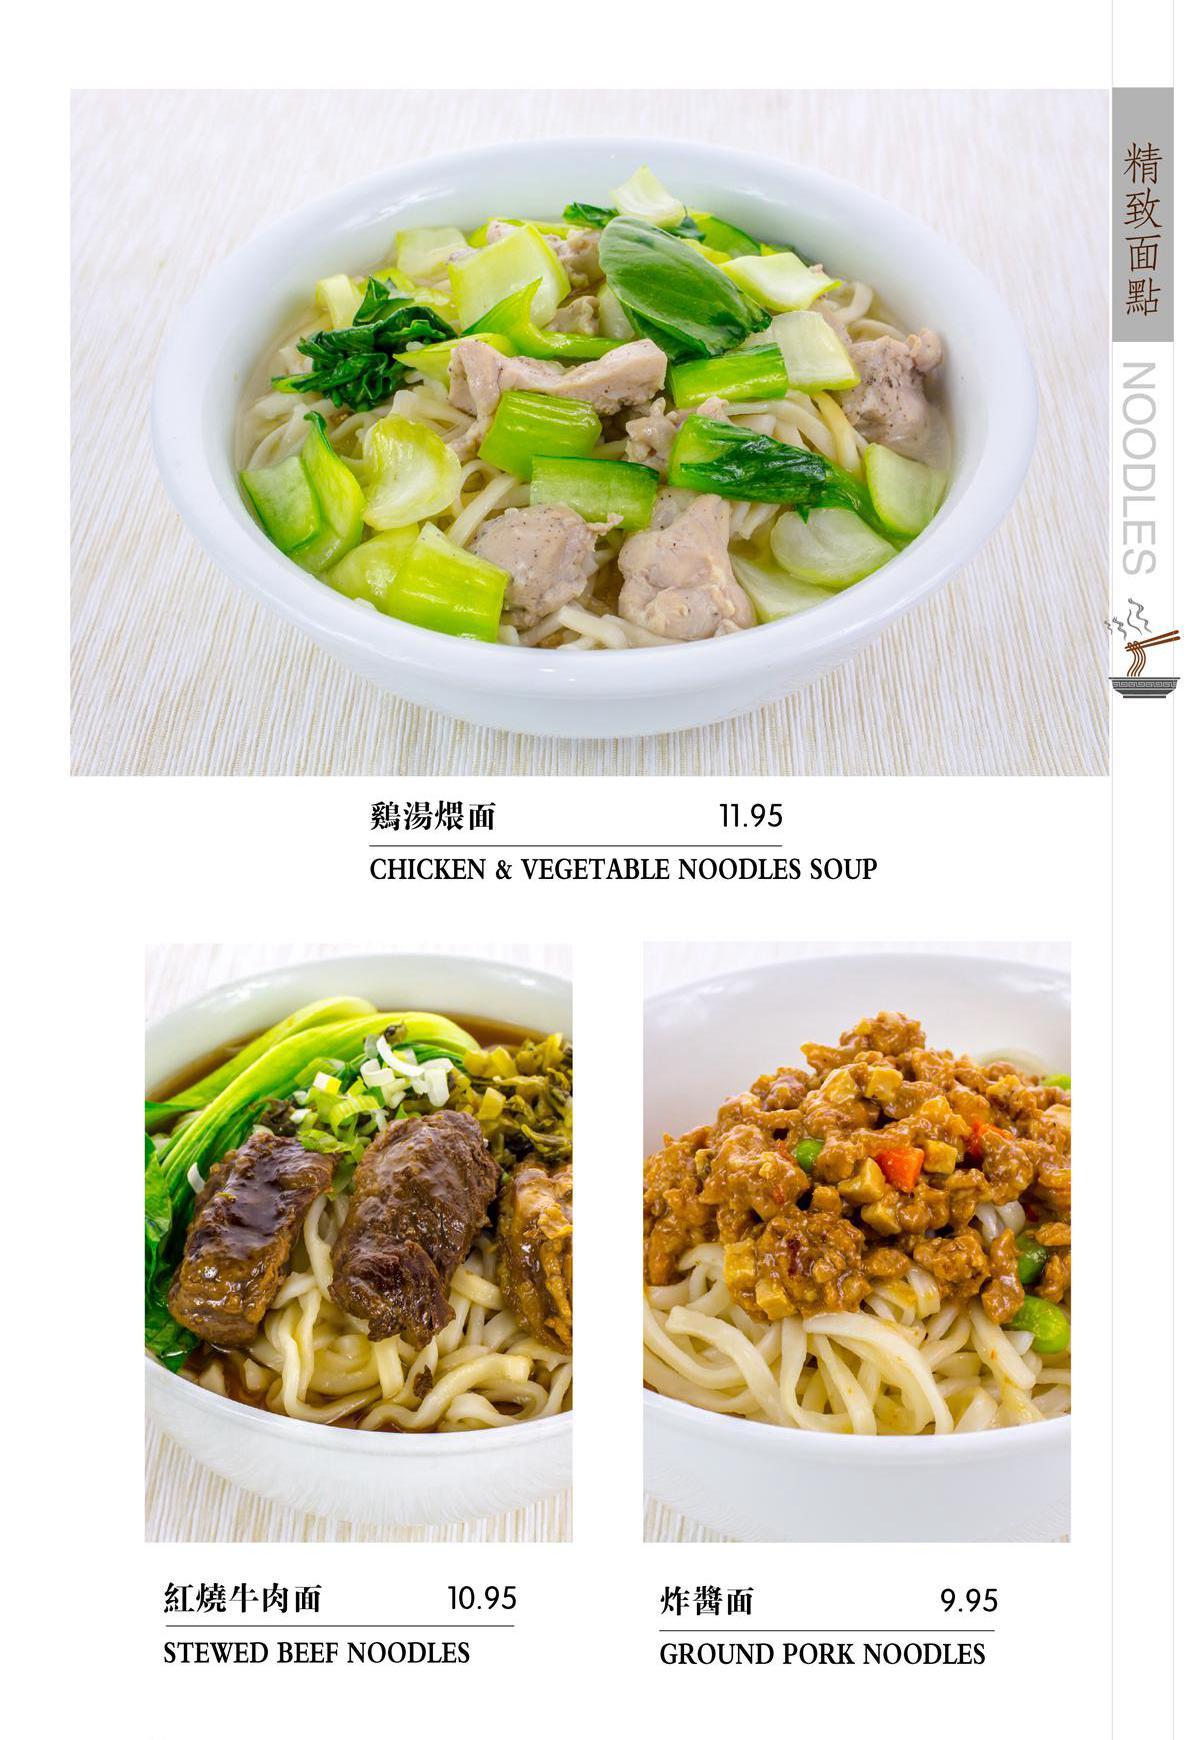 05-noodles-1